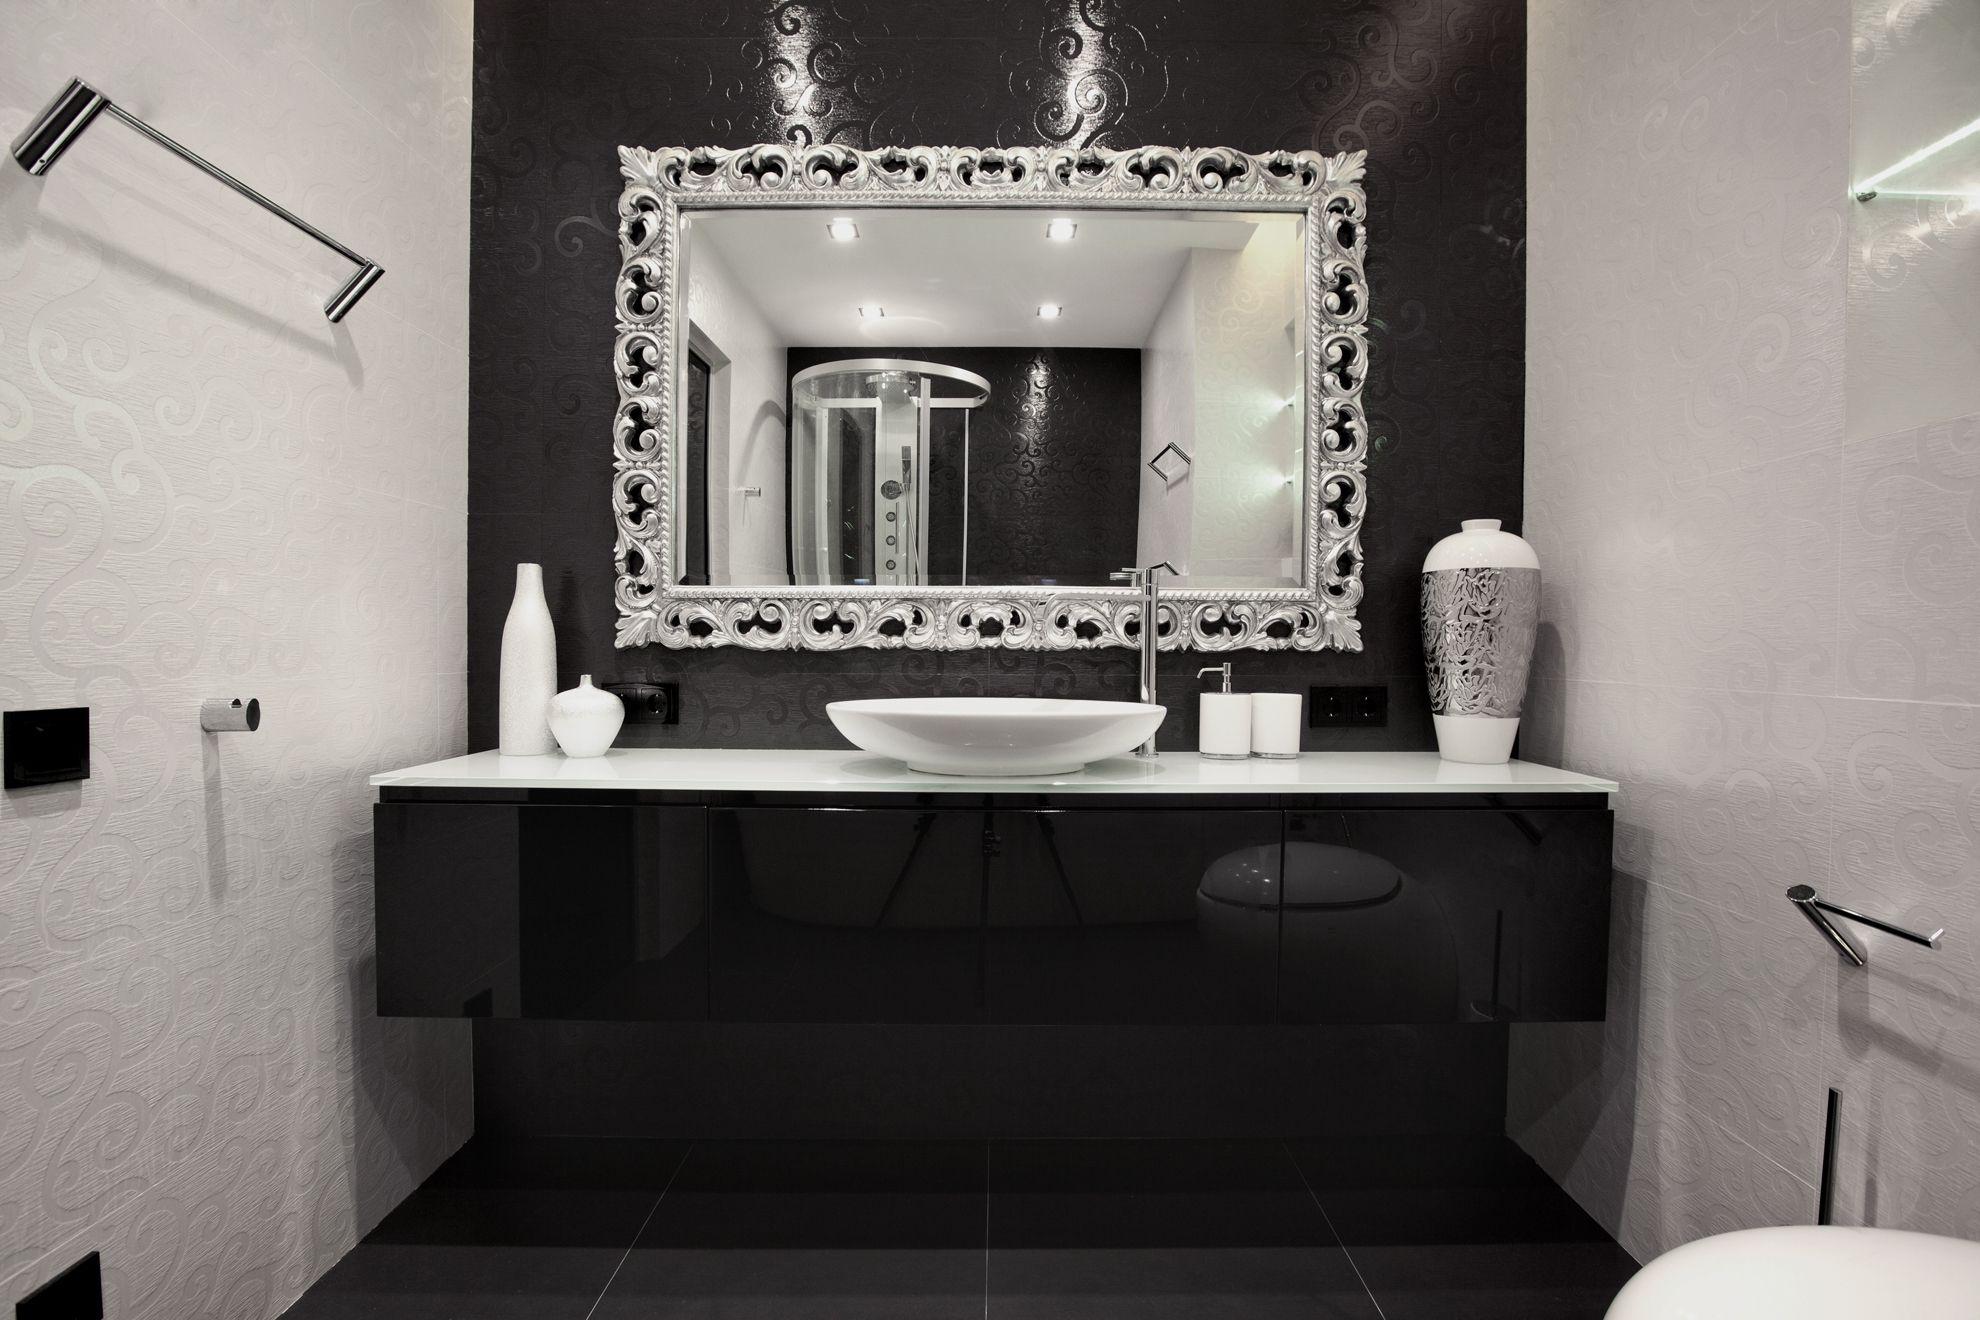 Vintage badezimmer design vintage spiegel für badezimmer spiegel  spiegel  pinterest